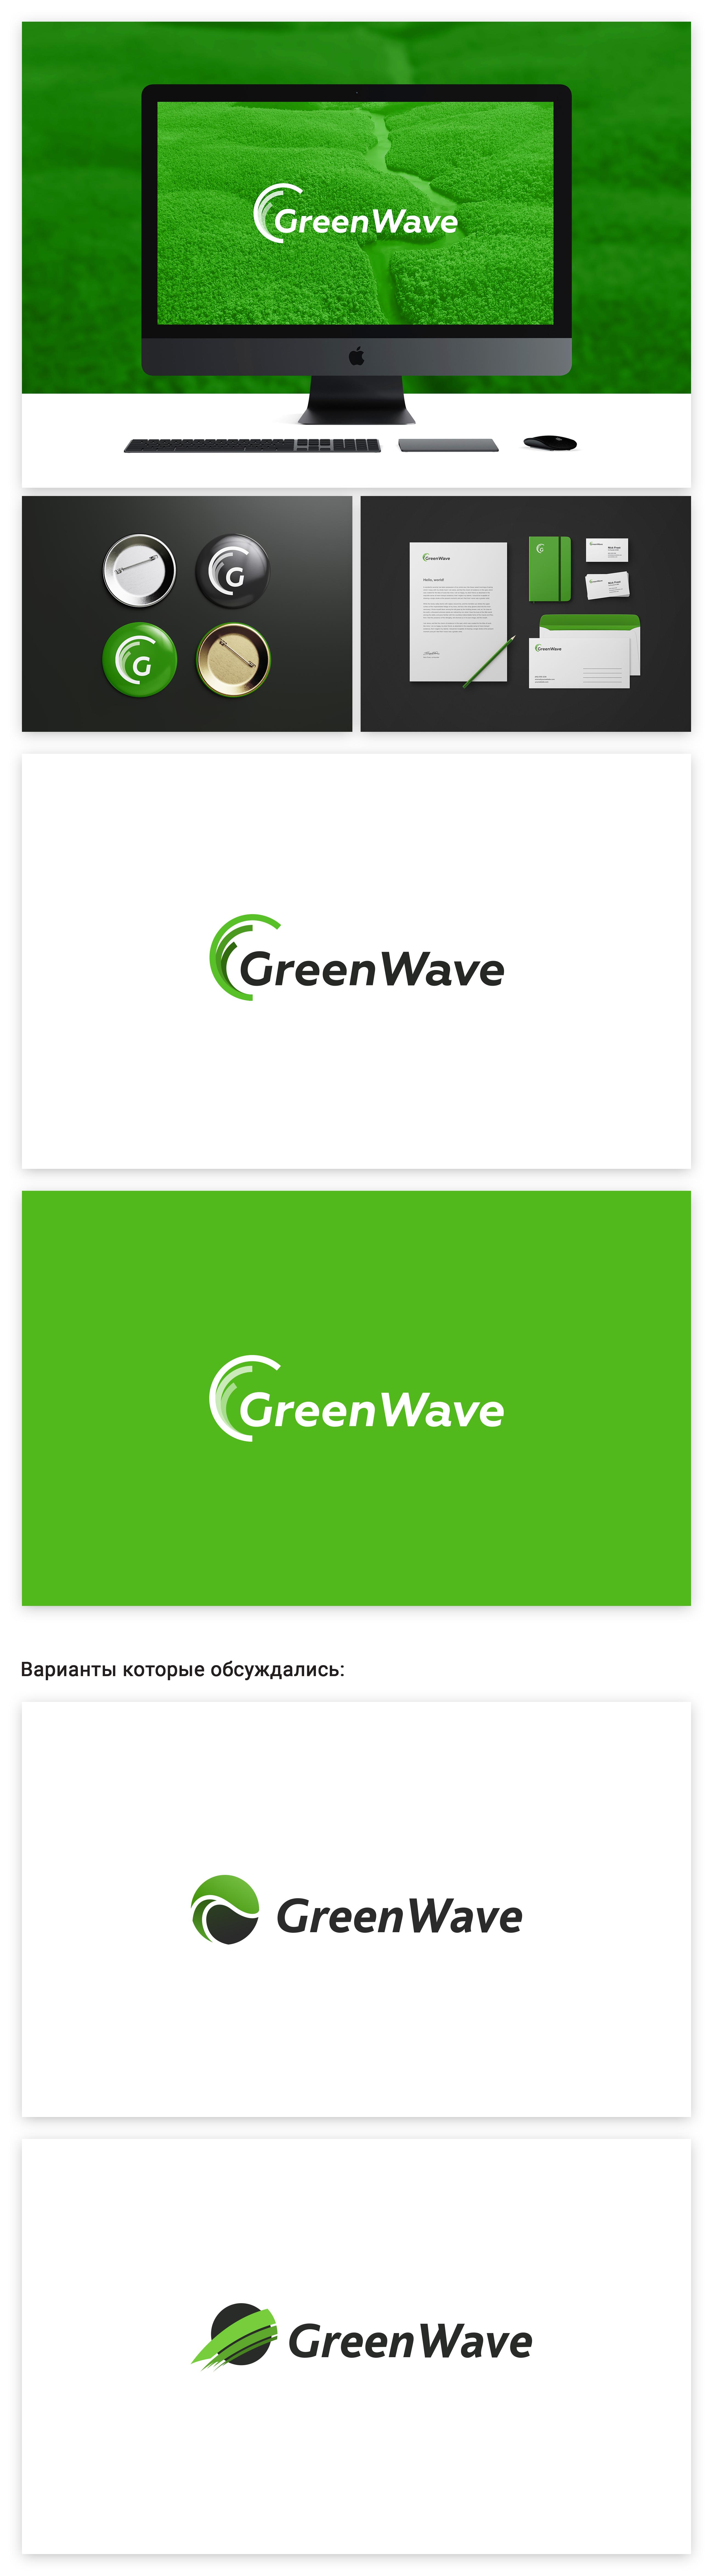 """Разработка логотипа и фирменного стиля для компании """"GreenWave"""""""